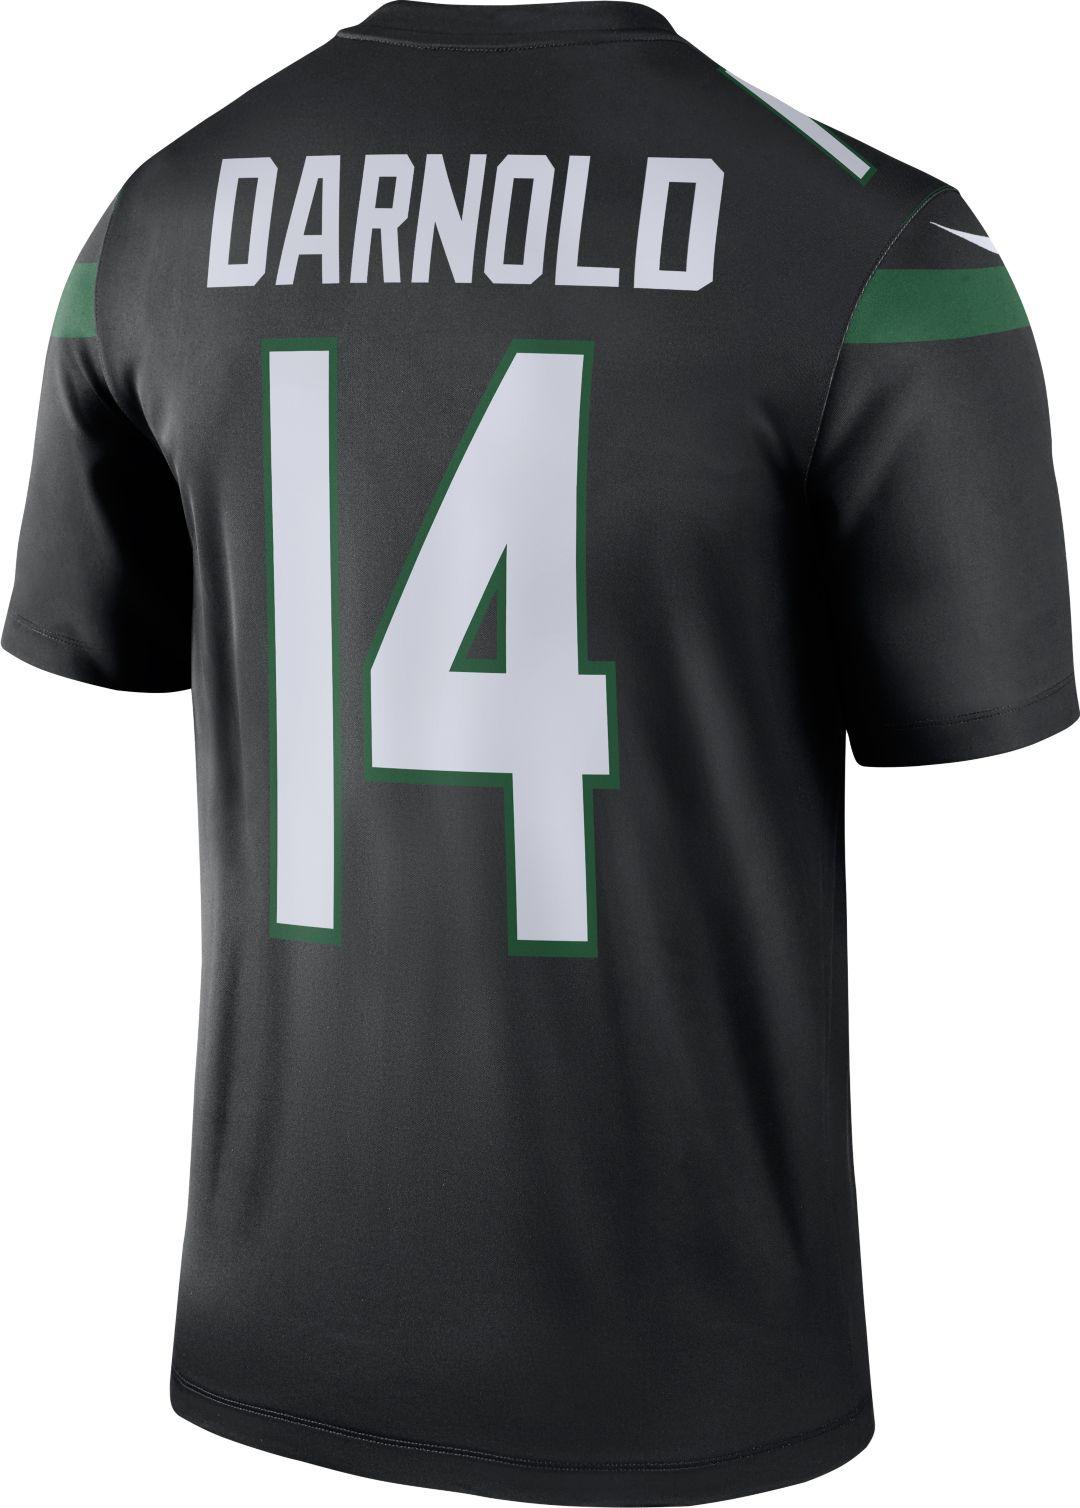 finest selection 5afe8 06e5f Nike Men's Color Rush Legend Black Jersey New York Jets Sam Darnold #14